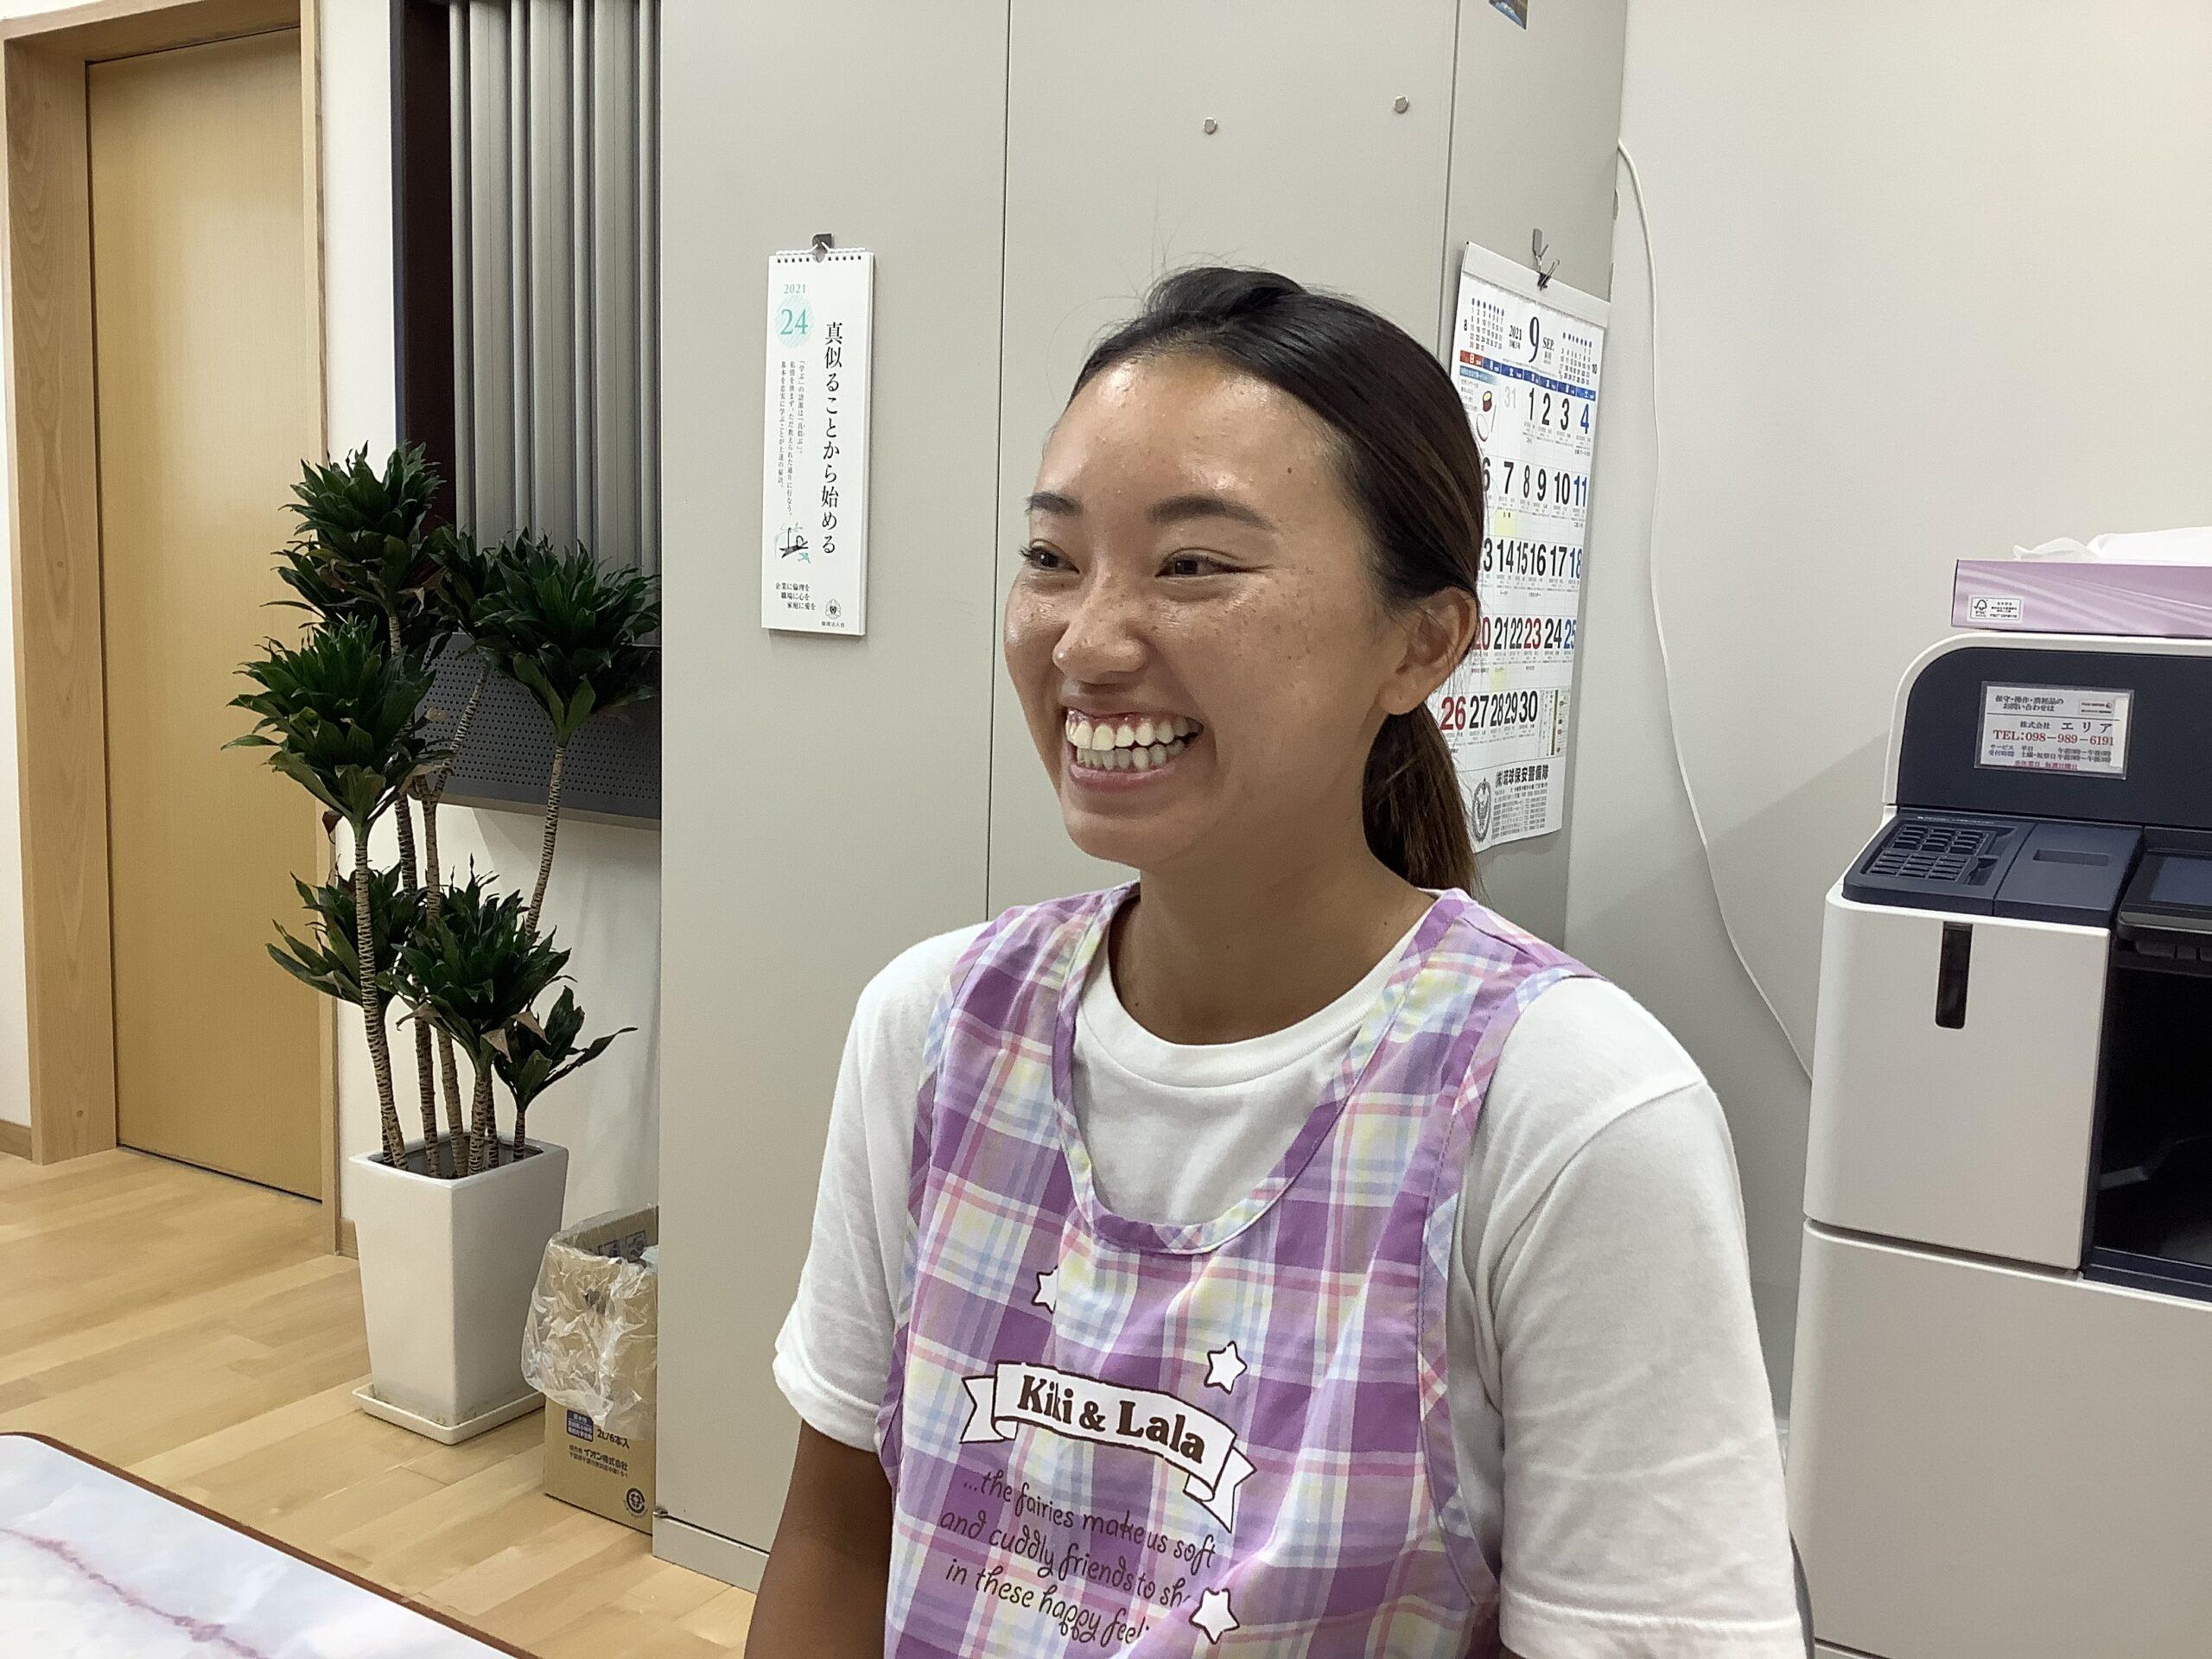 ひがしの大空保育園(沖縄県うるま市)穴水彩夏先生 25歳